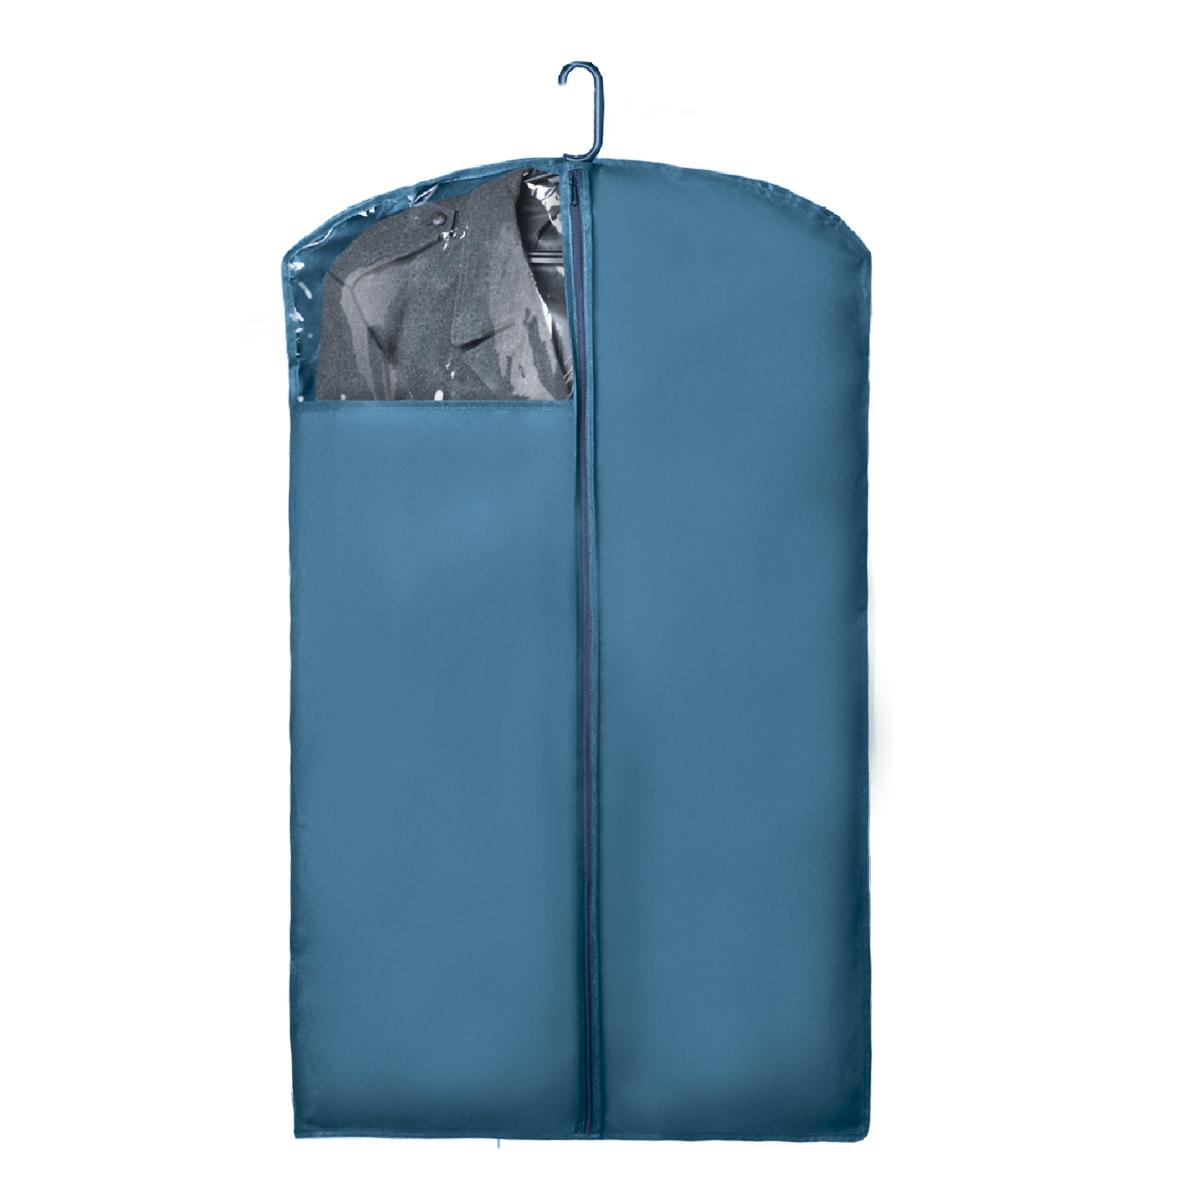 Чехол для верхней одежды Miolla, с окошком, цвет: голубой, 100 х 60 см6113MЧехол для верхней одежды Miolla на застежке-молнии выполнен из высококачественного нетканого материала. Прозрачное полиэтиленовое окошко позволяет видеть содержимое чехла. Подходит для длительного хранения вещей.Чехол обеспечивает вашей одежде надежную защиту от влажности, повреждений и грязи при транспортировке, от запыления при хранении и проникновения моли. Чехол обладает водоотталкивающими свойствами, а также позволяет воздуху свободно поступать внутрь вещей, обеспечивая их кондиционирование. Это особенно важно при хранении кожаных и меховых изделий.Размер чехла: 100 х 60 см.